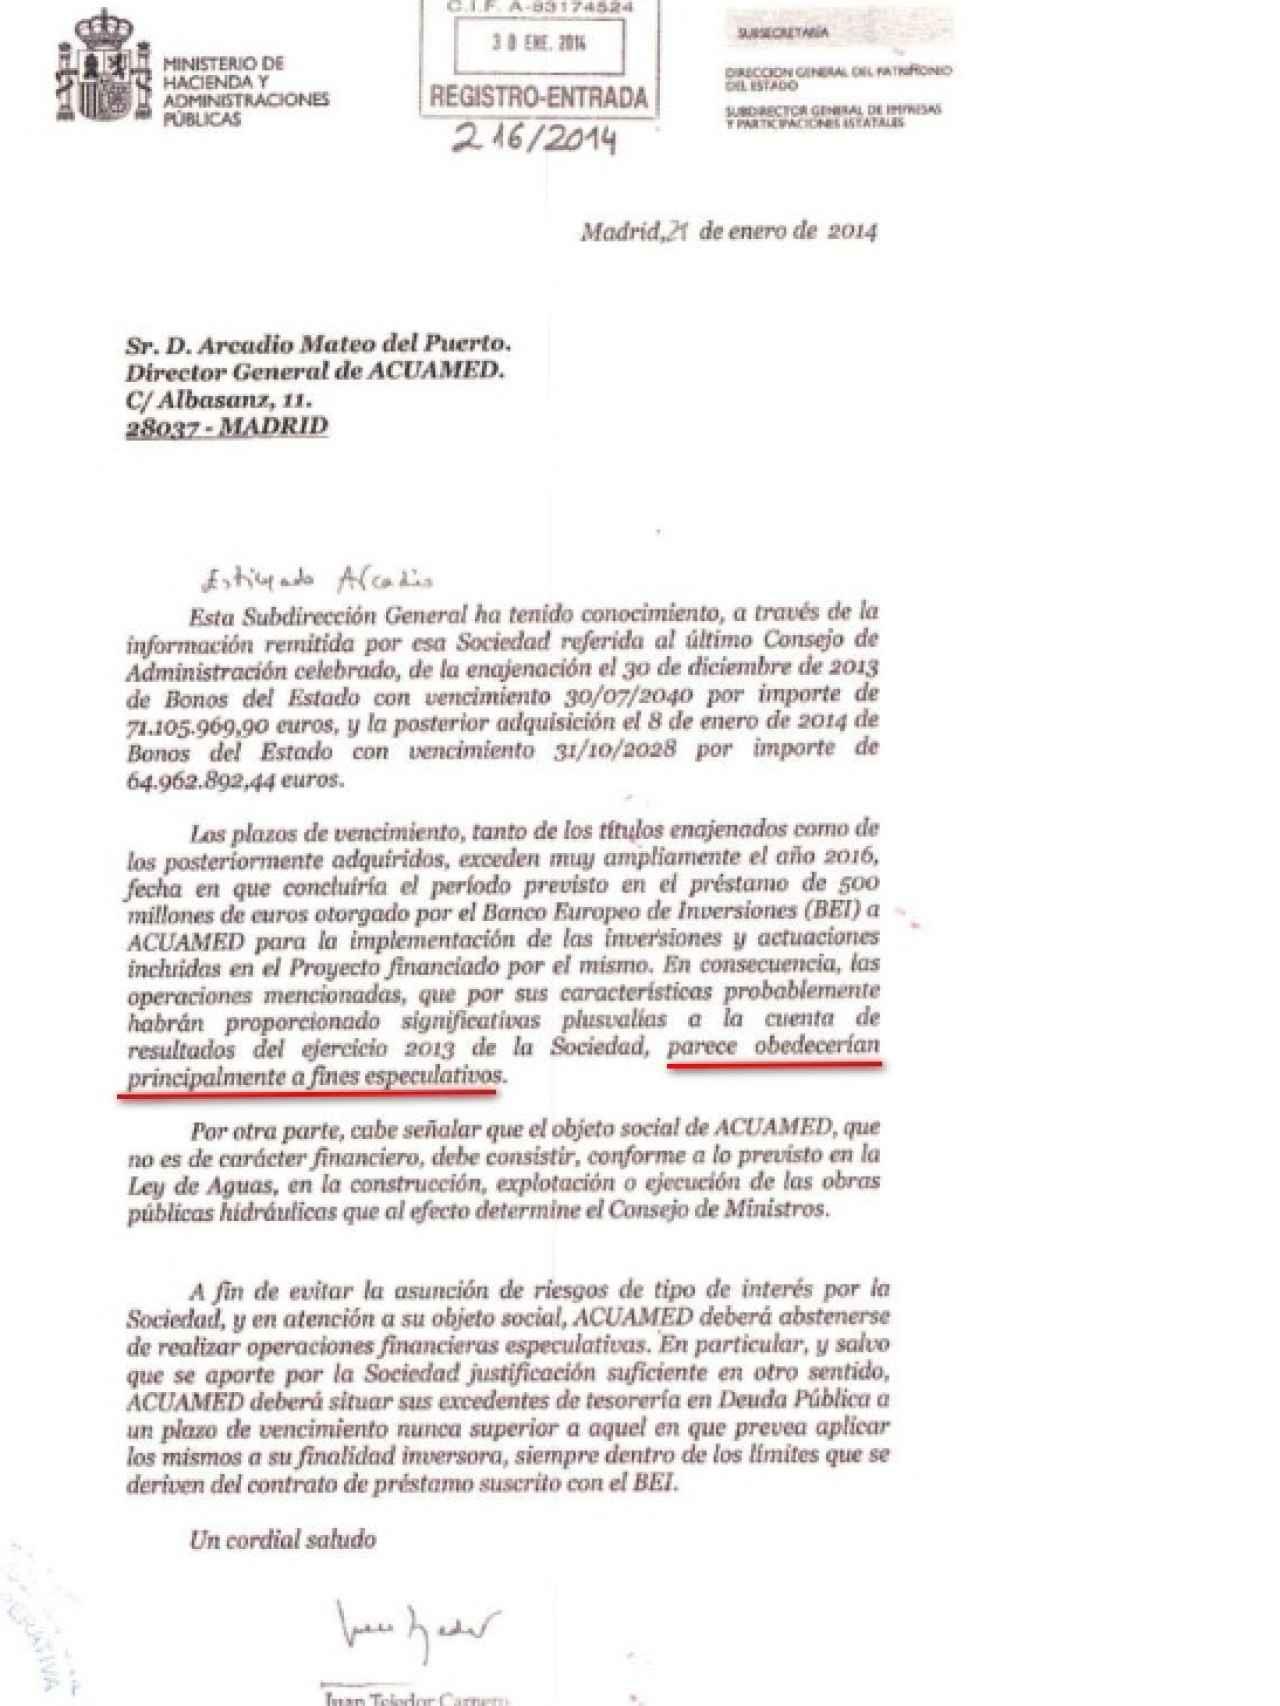 Carta remitida a Acuamed por parte de Hacienda.